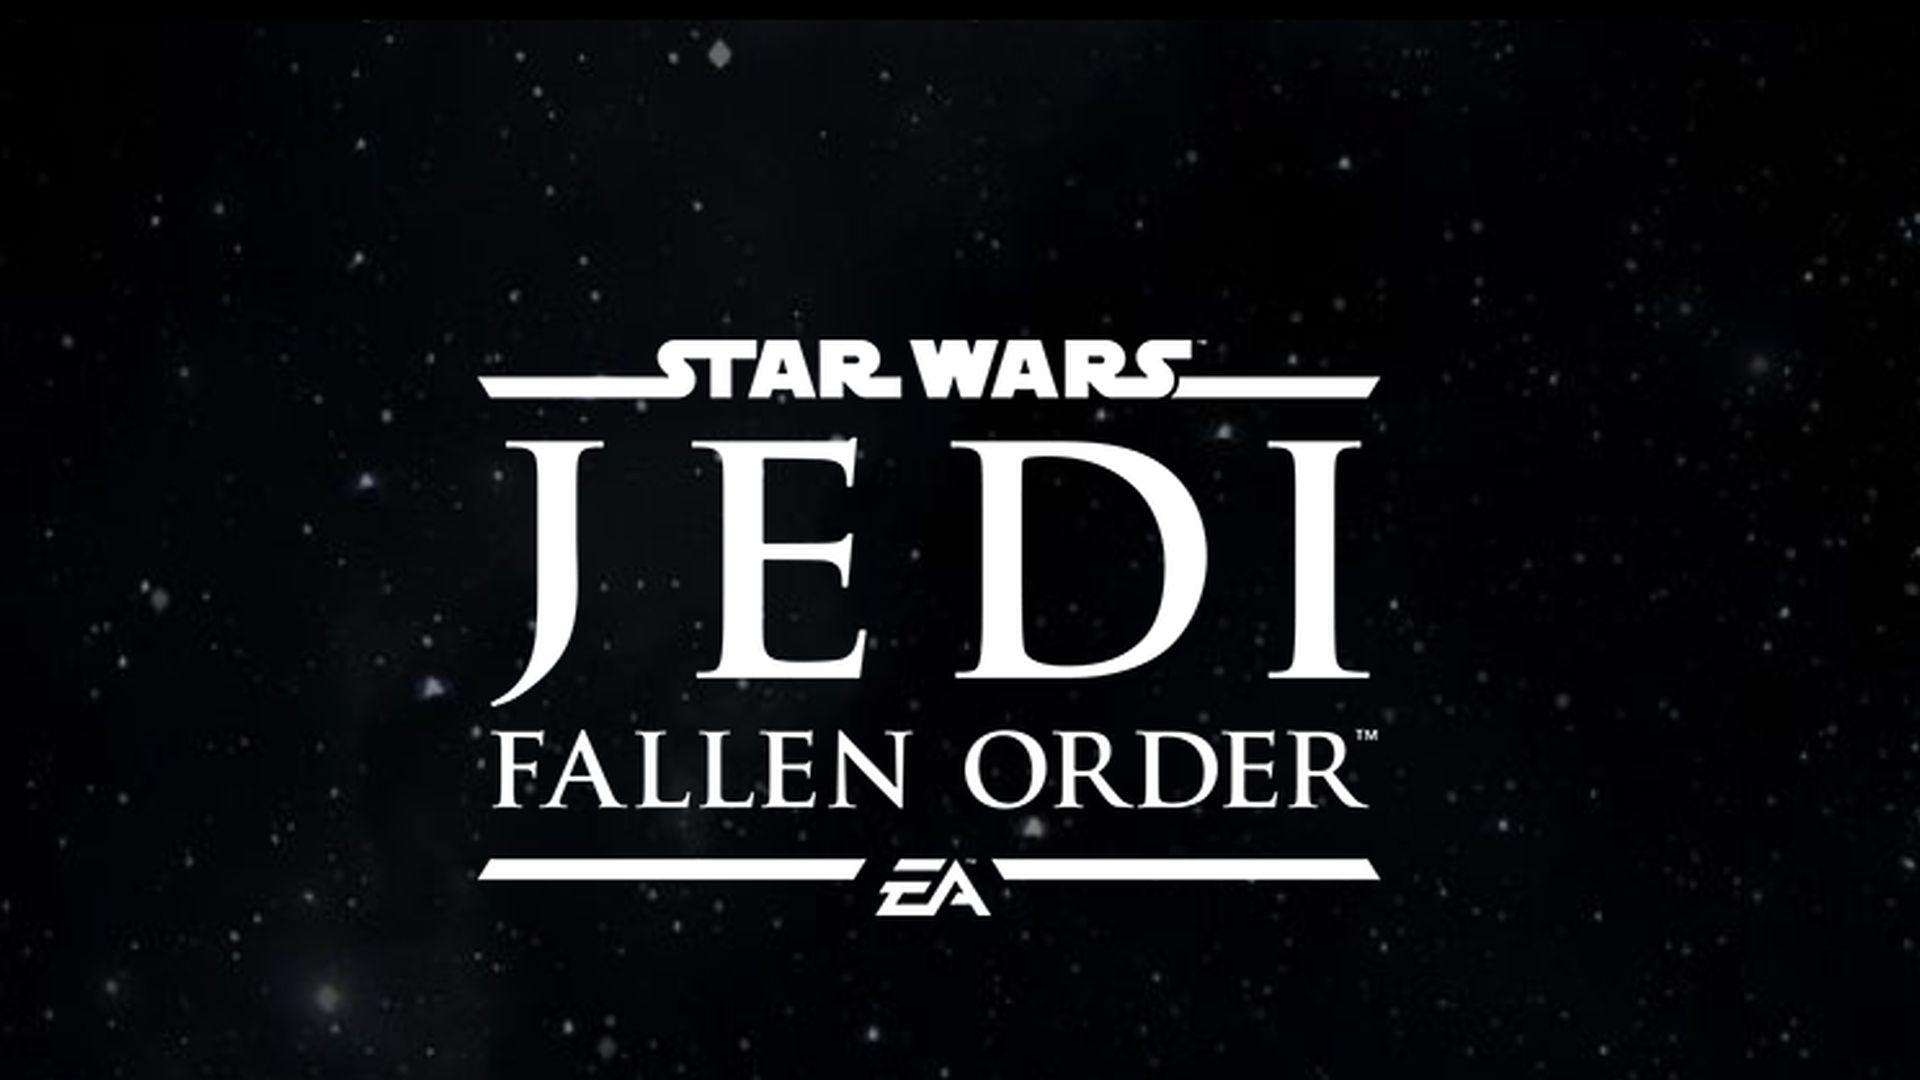 شایعه: اطلاعاتی جدید از بازی Star Wars: Jedi Fallen Order لو رفت؛ از ساختهشدن توسط موتور Unreal Engine 4 تا تمرکز برروی بخش تکنفره